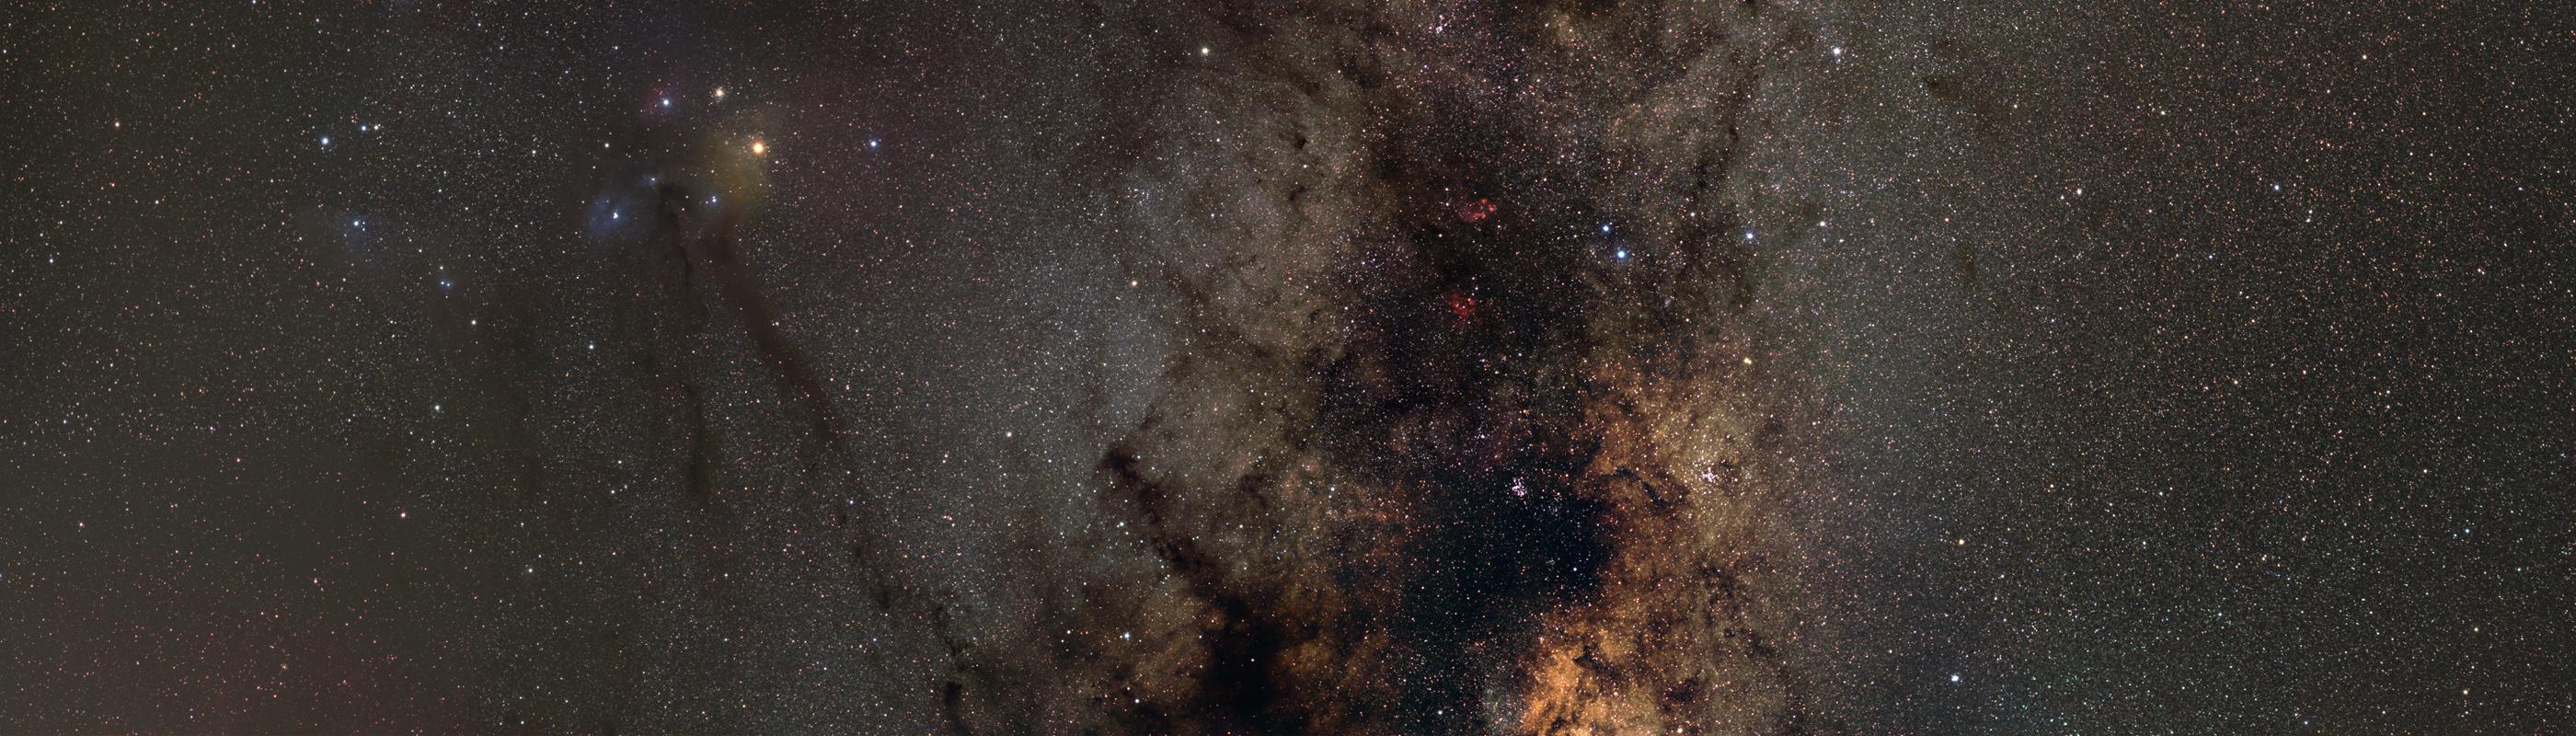 In diesem Ausschnitt steht die Region um Antares und Rho Ophiuchi mit ihren verschiedenfarbigen hellen Nebeln und Dunkelwolken im Mittelpunkt. Auch dieses Bild ist bereits bei Posterlounge.de als Druck bestellbar.